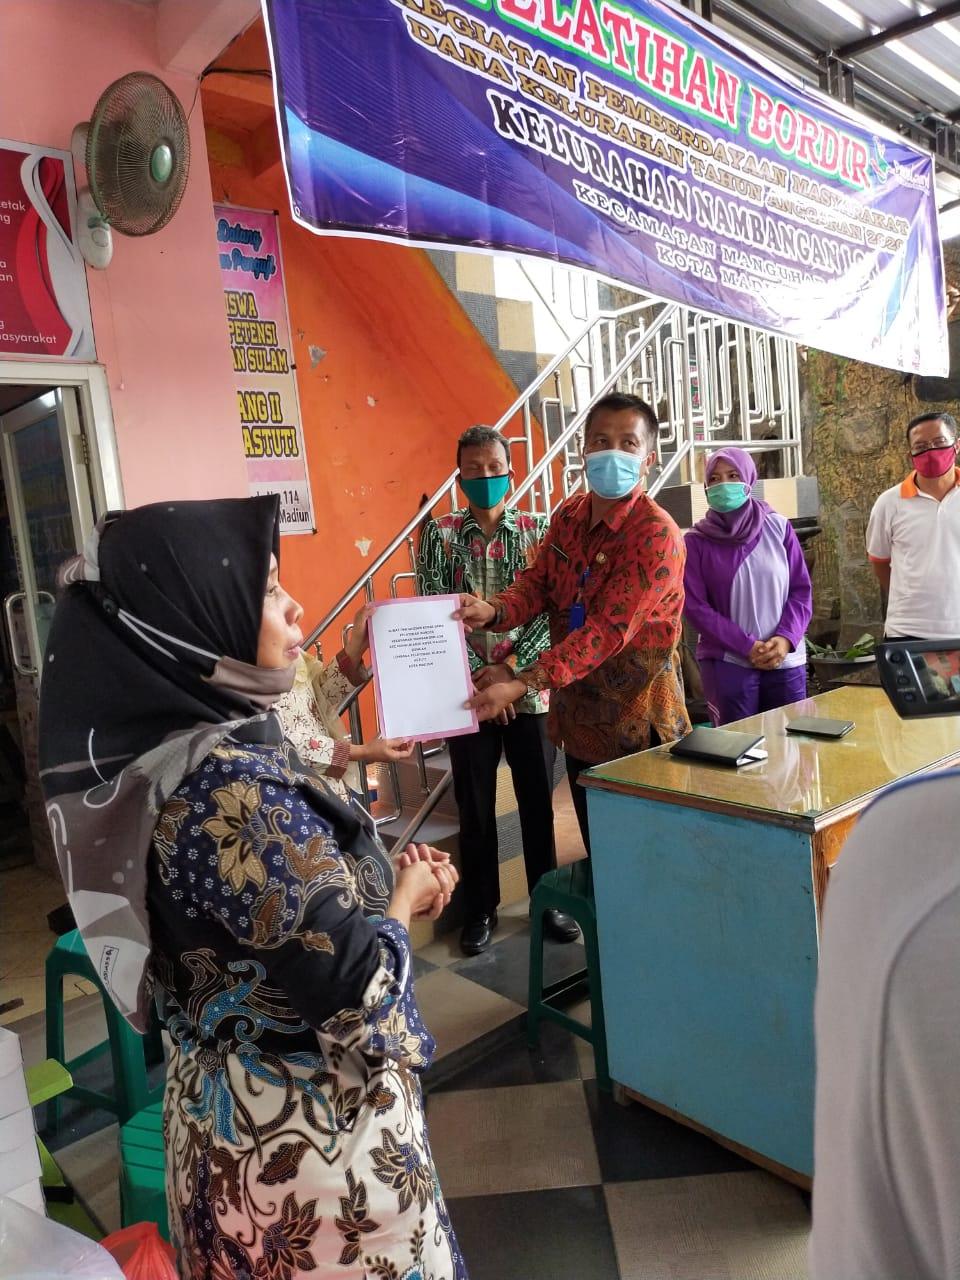 Untuk Pemberdayaan Masyarakat selain pelatihan memasak  juga ada kegiatan Bordir selama 5 Hari dan bekerja sama dengan LKP astuti Jl. Gajah Mada Kec Manguharjo